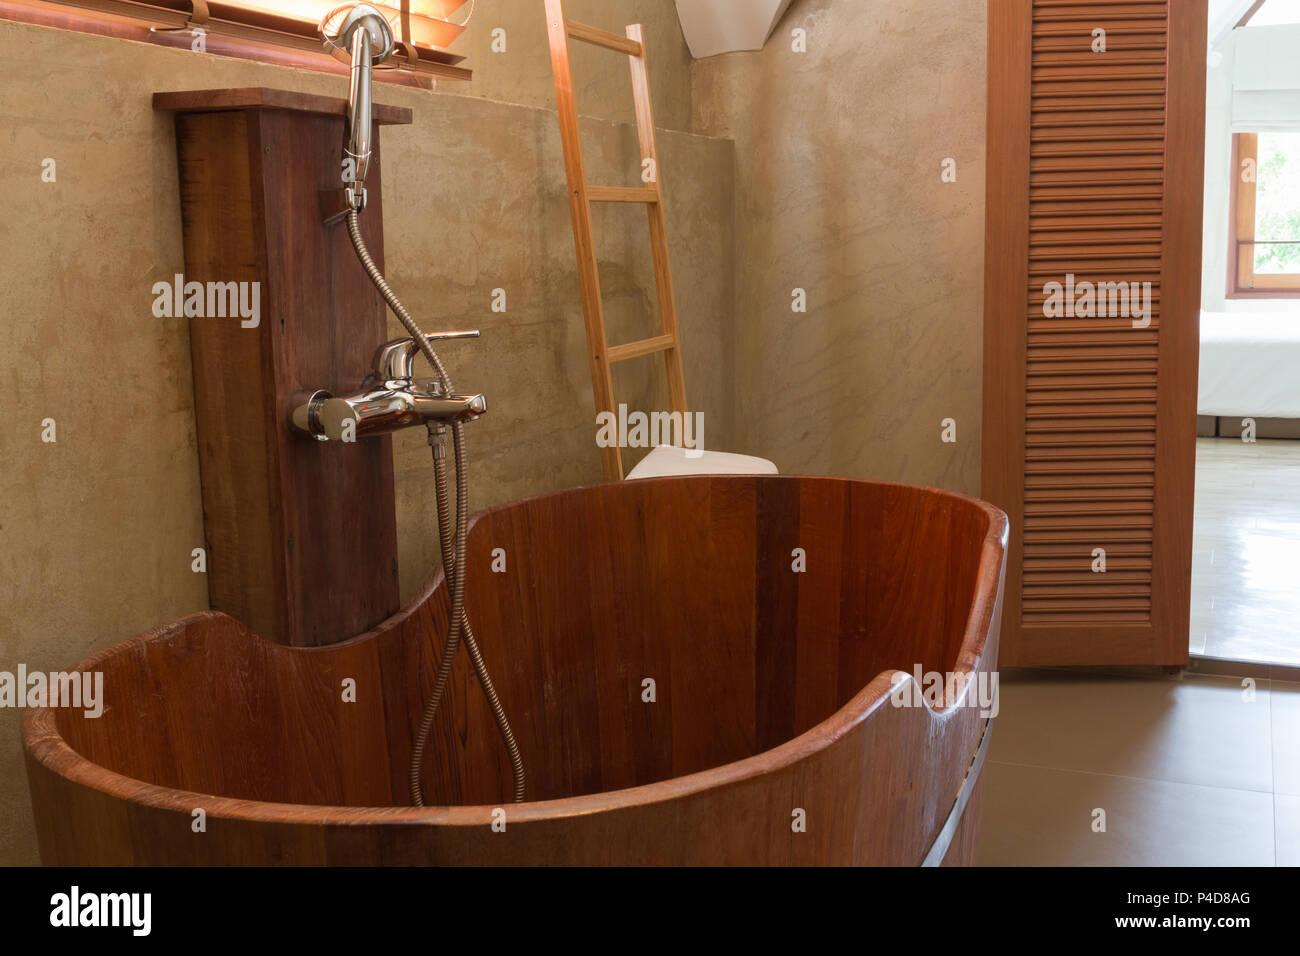 Vintage bagno interno con vasca in legno cemento sulla parete